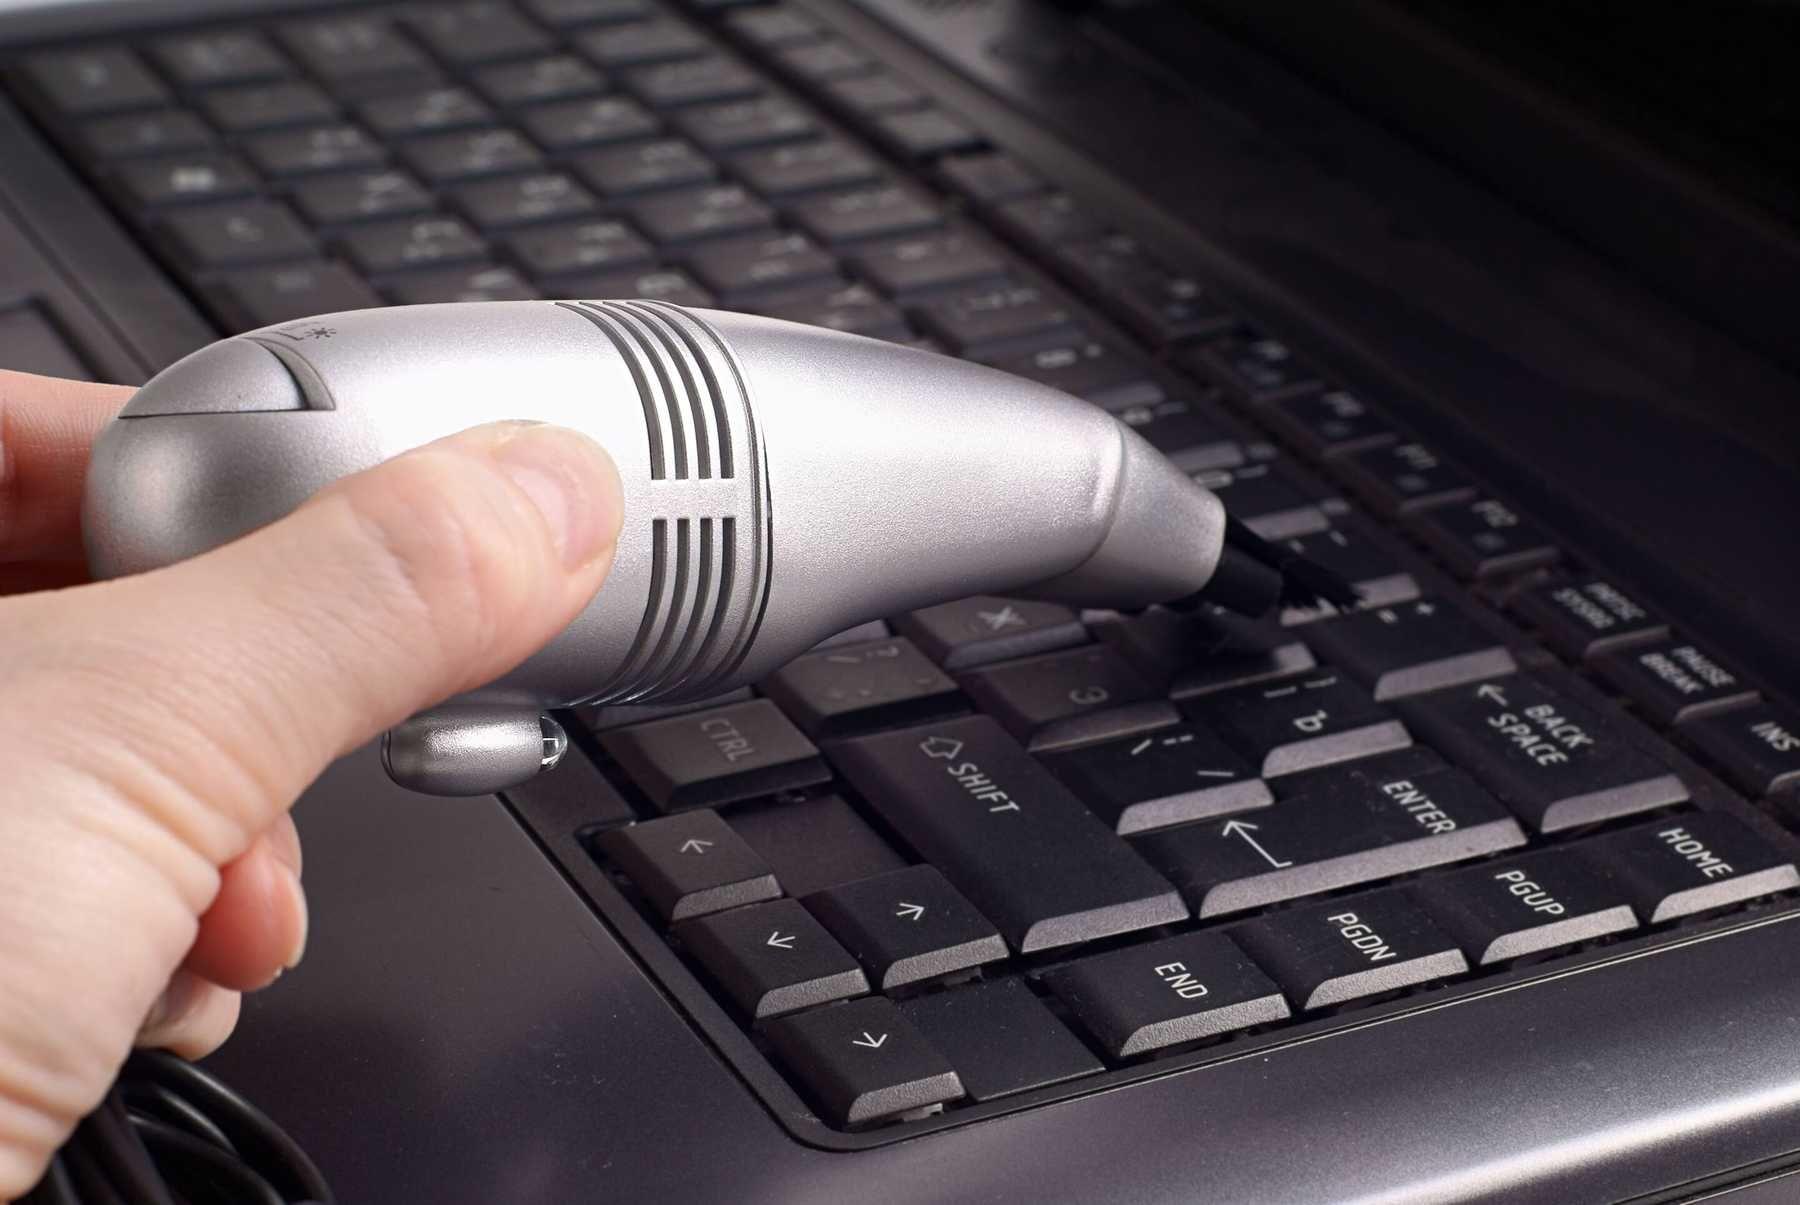 Cách vệ sinh bàn phím laptop vàbàn di chuột cảm ứng (touchpad)